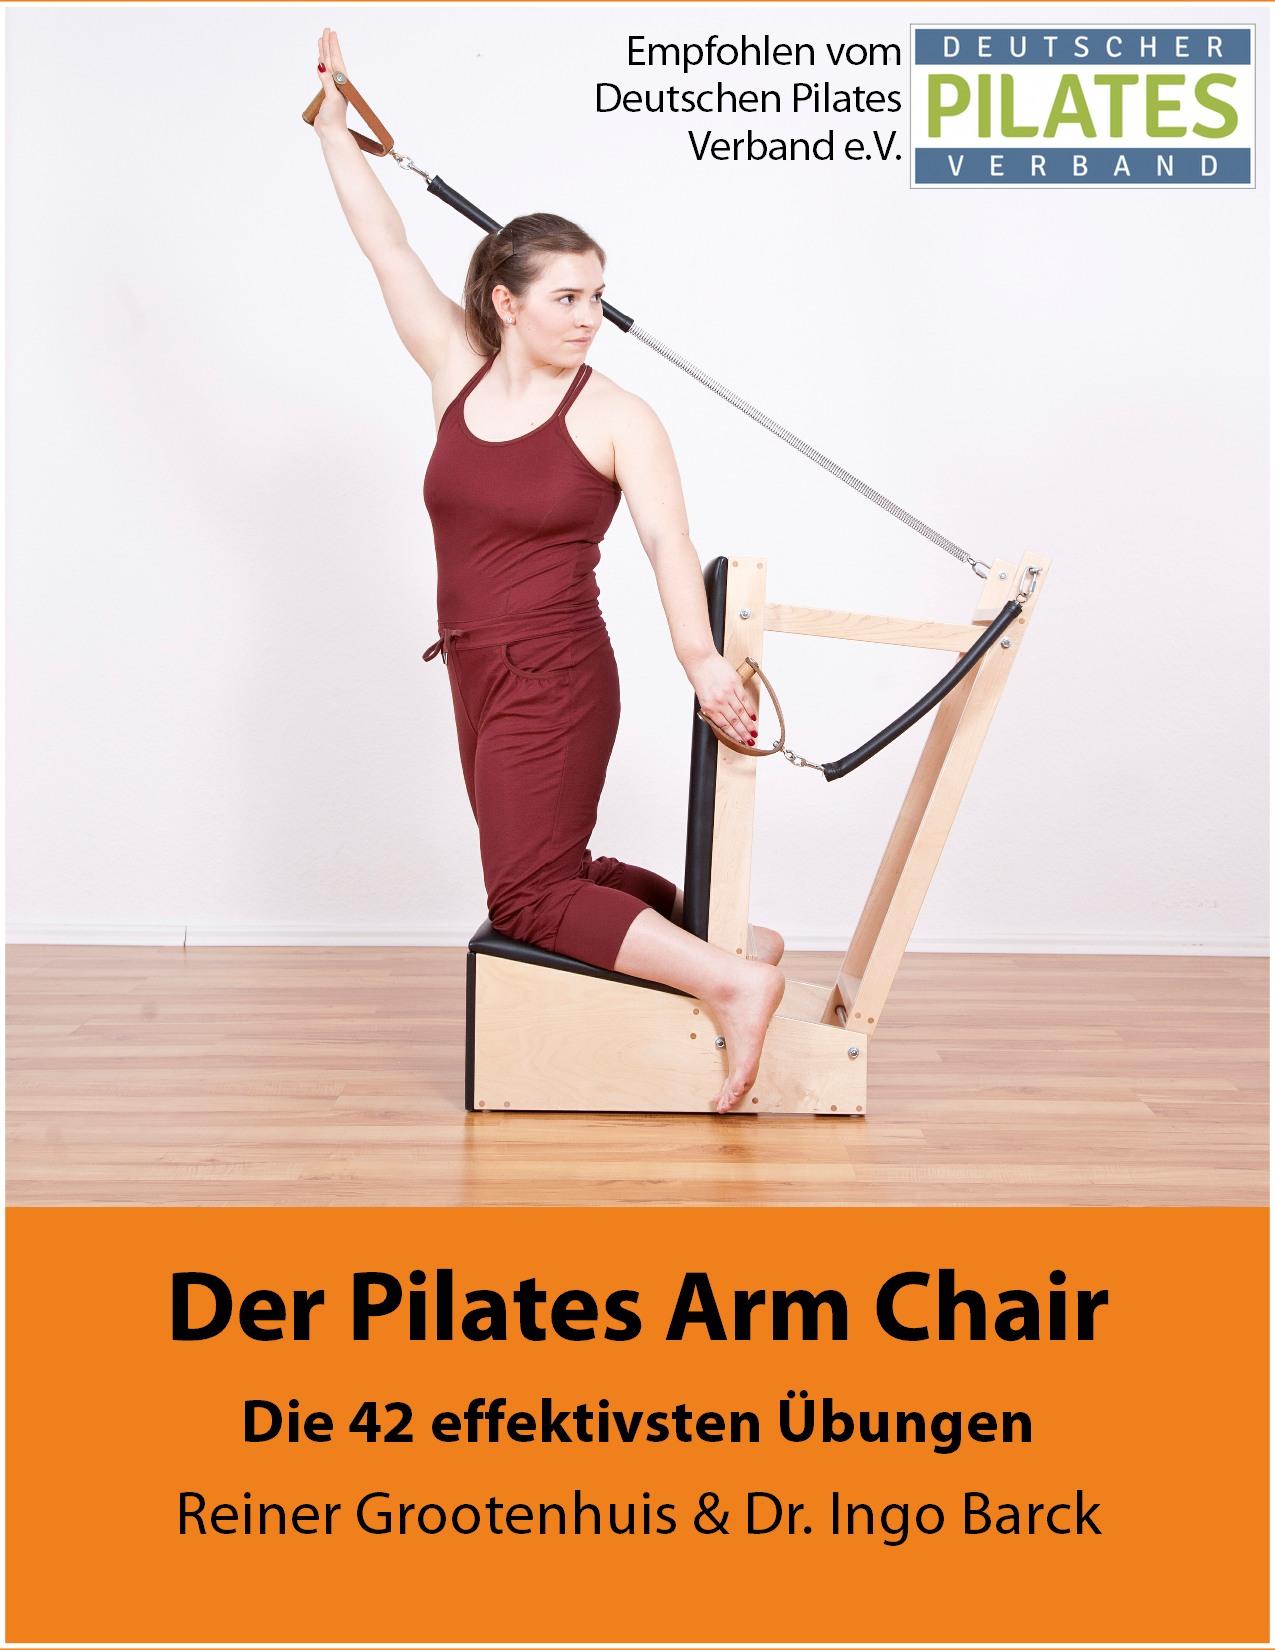 Cover Arm Chair Manual.jpg